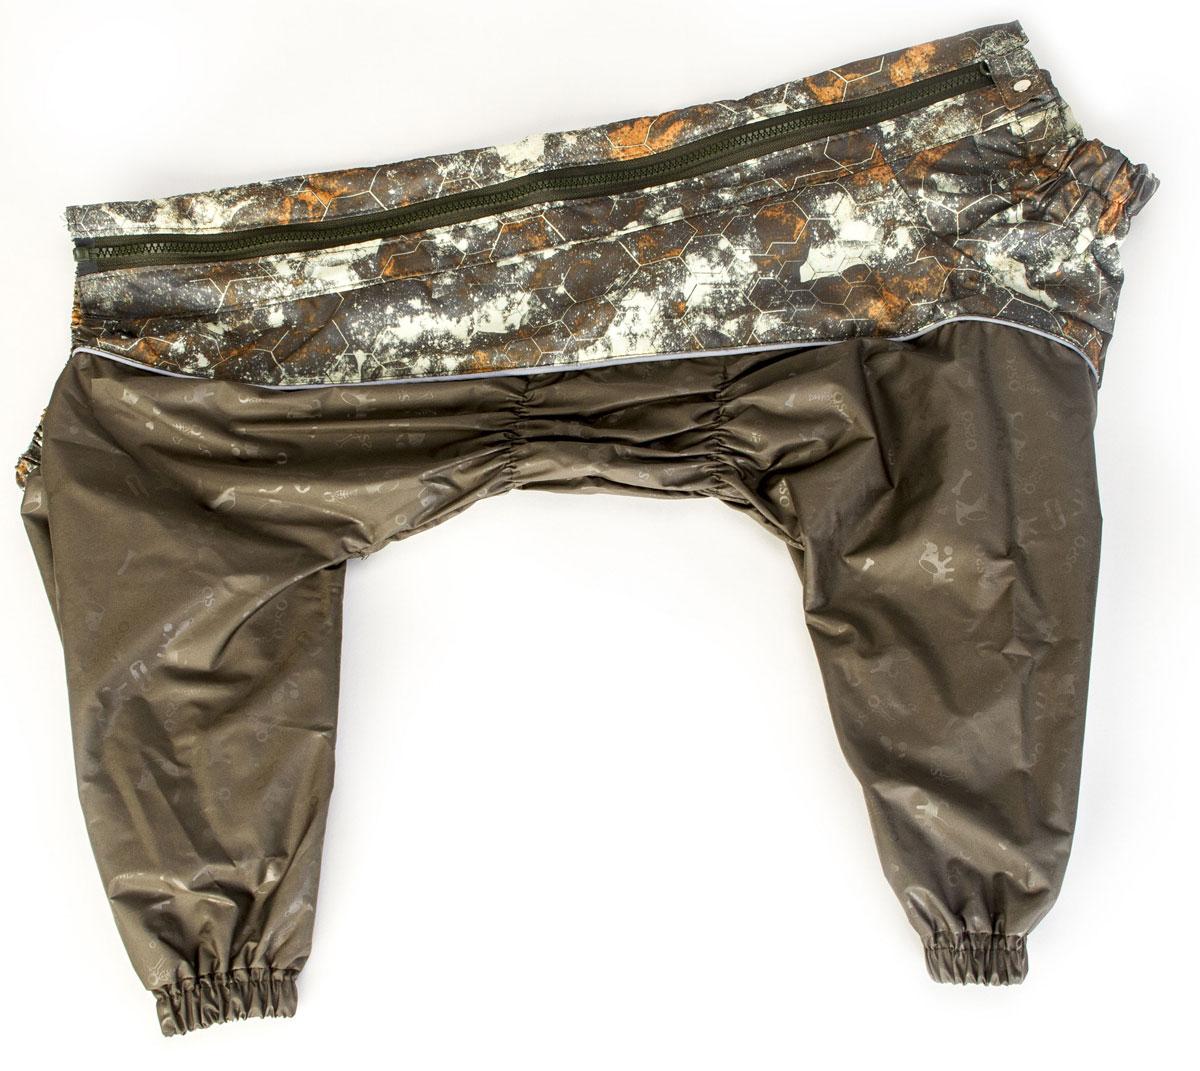 Комбинезон для собак OSSO Fashion, для мальчика, цвет: хаки. Размер 50К-1016-хаки-вставкаКомбинезон для собак OSSO Fashion изготовлен из водоотталкивающей и ветрозащитной ткани (100% полиэстер). Предназначен для прогулок в межсезонье, в сырую погоду для защиты собаки от грязи и воды. В комбинезоне используется отделка со светоотражающим кантом и тракторная молния со светоотражающей полосой. Комбинезон для собак эргономичен, удобен, не сковывает движений собаки при беге, во время игры и при дрессировке. Комфортная посадка по корпусу достигается за счет резинок-утяжек под грудью и животом. На воротнике имеется кнопка для фиксации. От попадания воды и грязи внутрь комбинезона низ штанин также собран на резинку. Длина спинки: 50 см. Объем груди: 52-72 см.